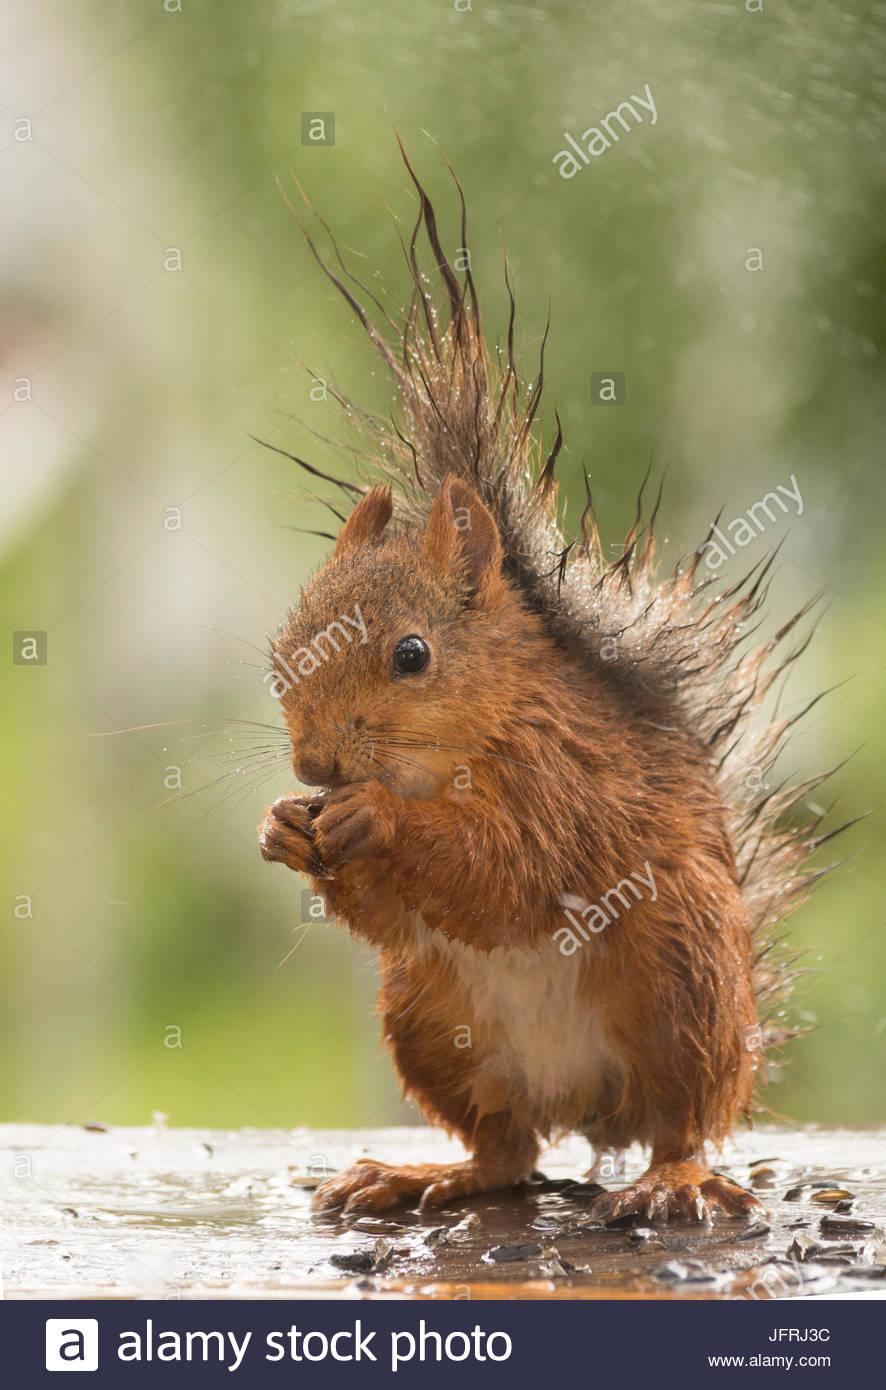 Feuchte Eichhörnchen po rn videos